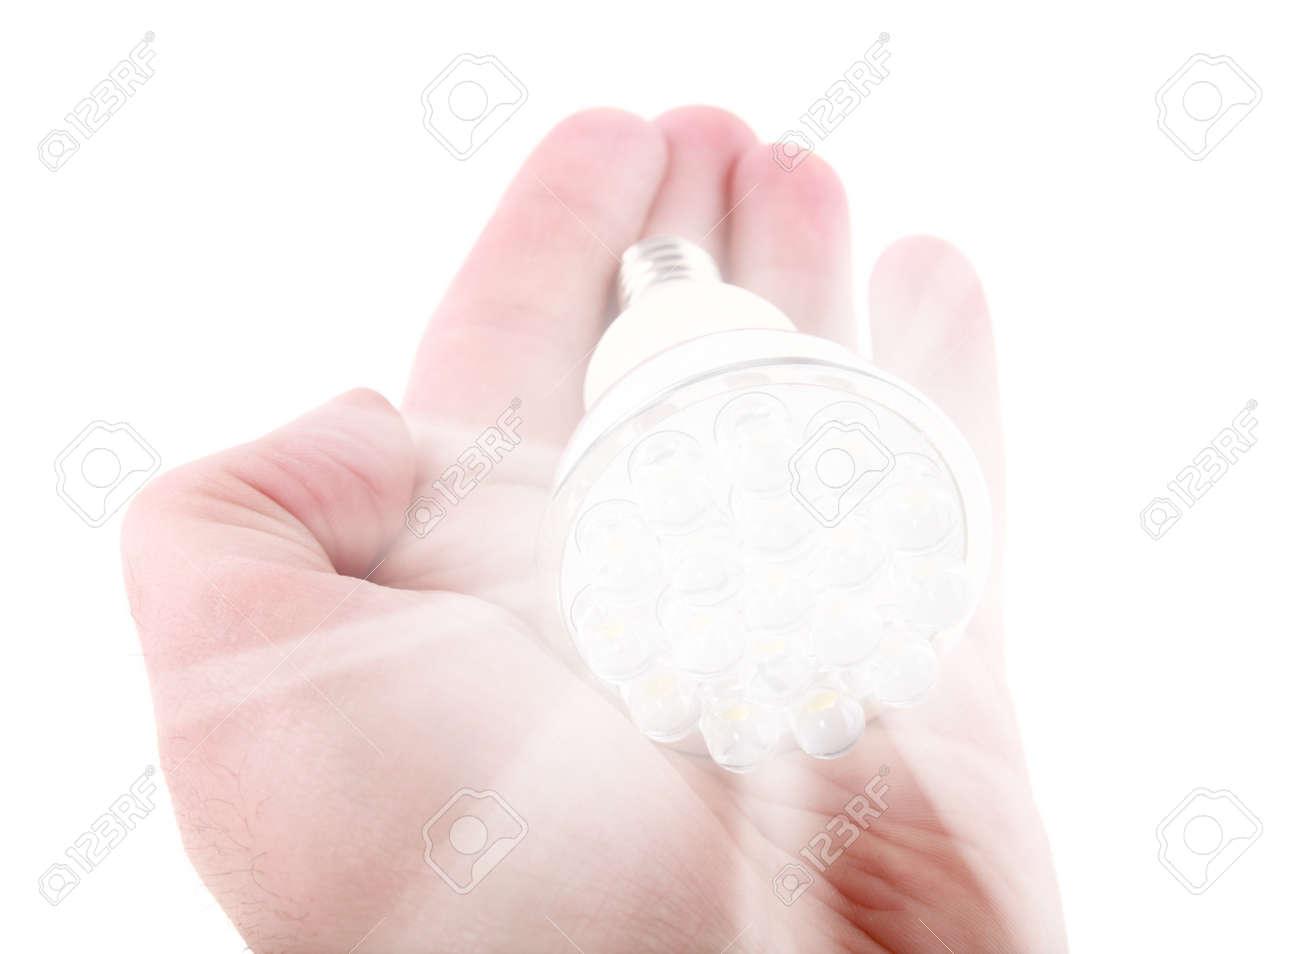 Led light bulb in hand on white background - 11917162